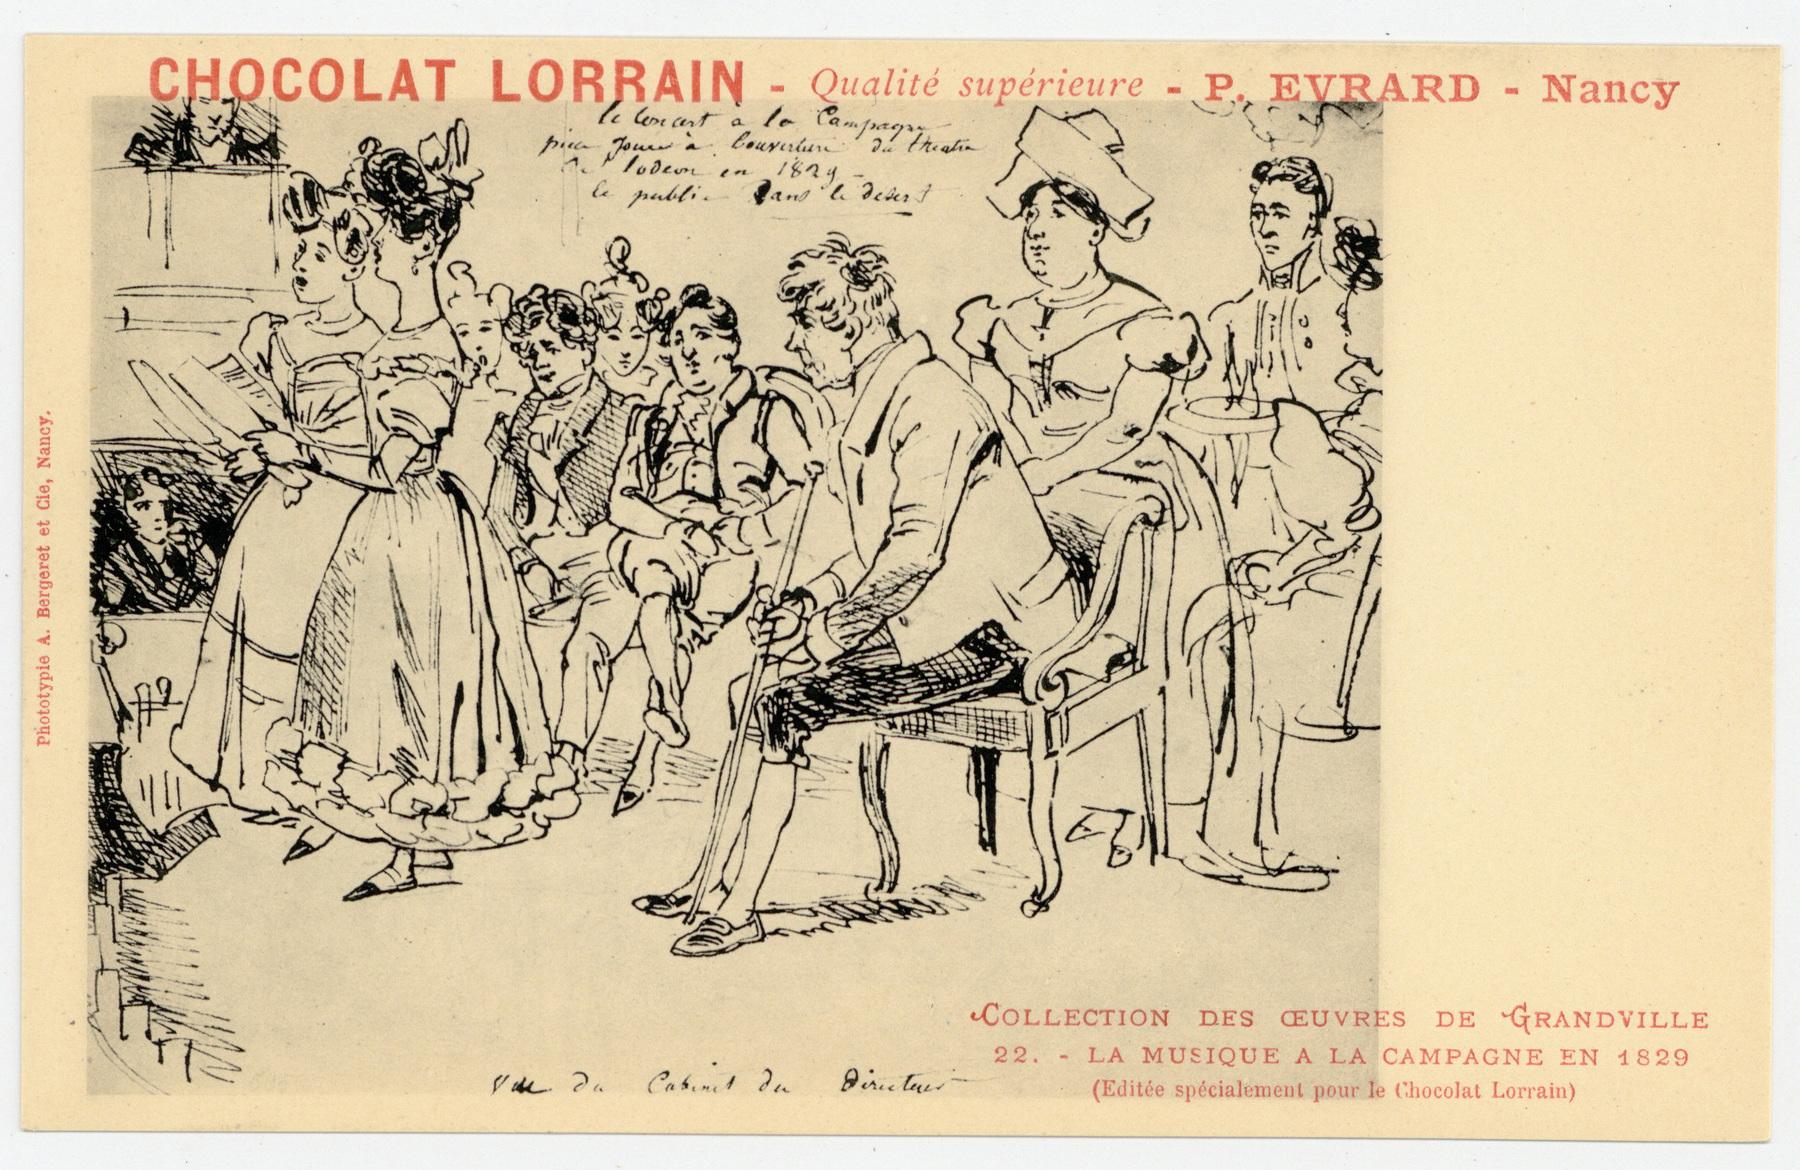 Contenu du La musique à la campagne en 1829 : (éditée spécialement pour le Chocolat Lorrain), chocolat lorrain, qualité supérieure, P. Evrard, Nancy. Collection des œuvres de Grandville